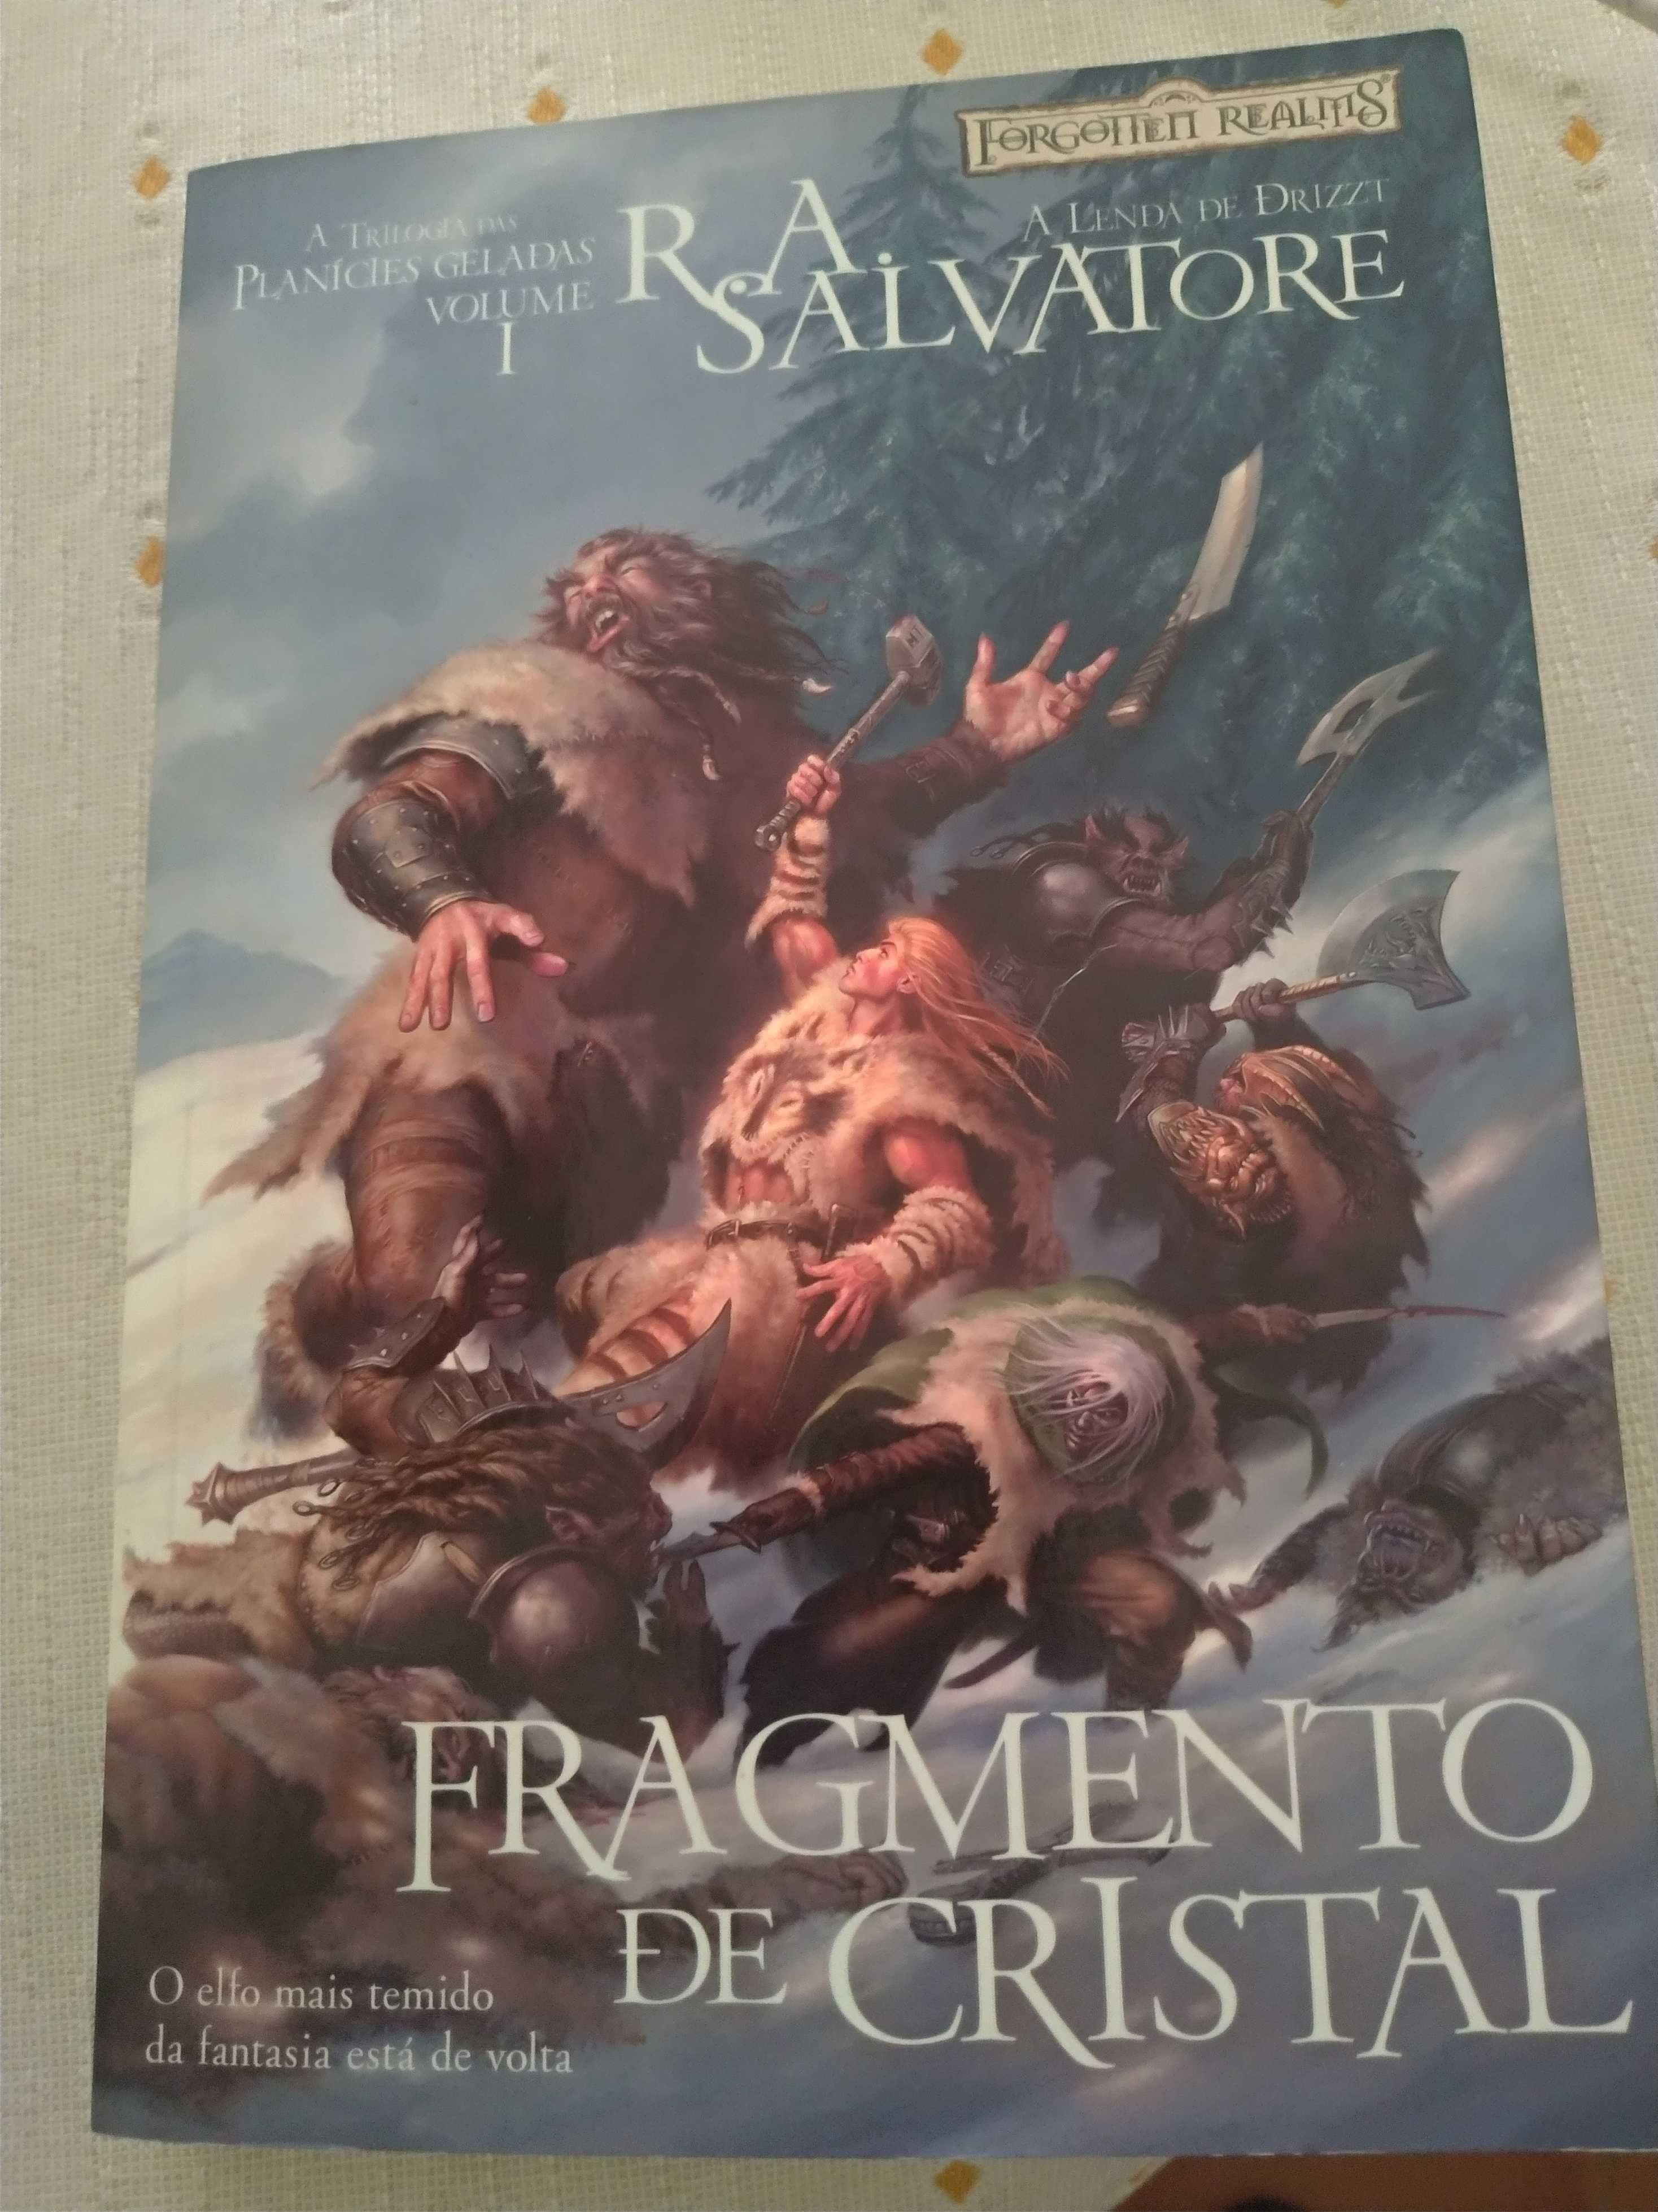 Fragmento de Cristal A Trilogia das Planícies Geladas - Volume I